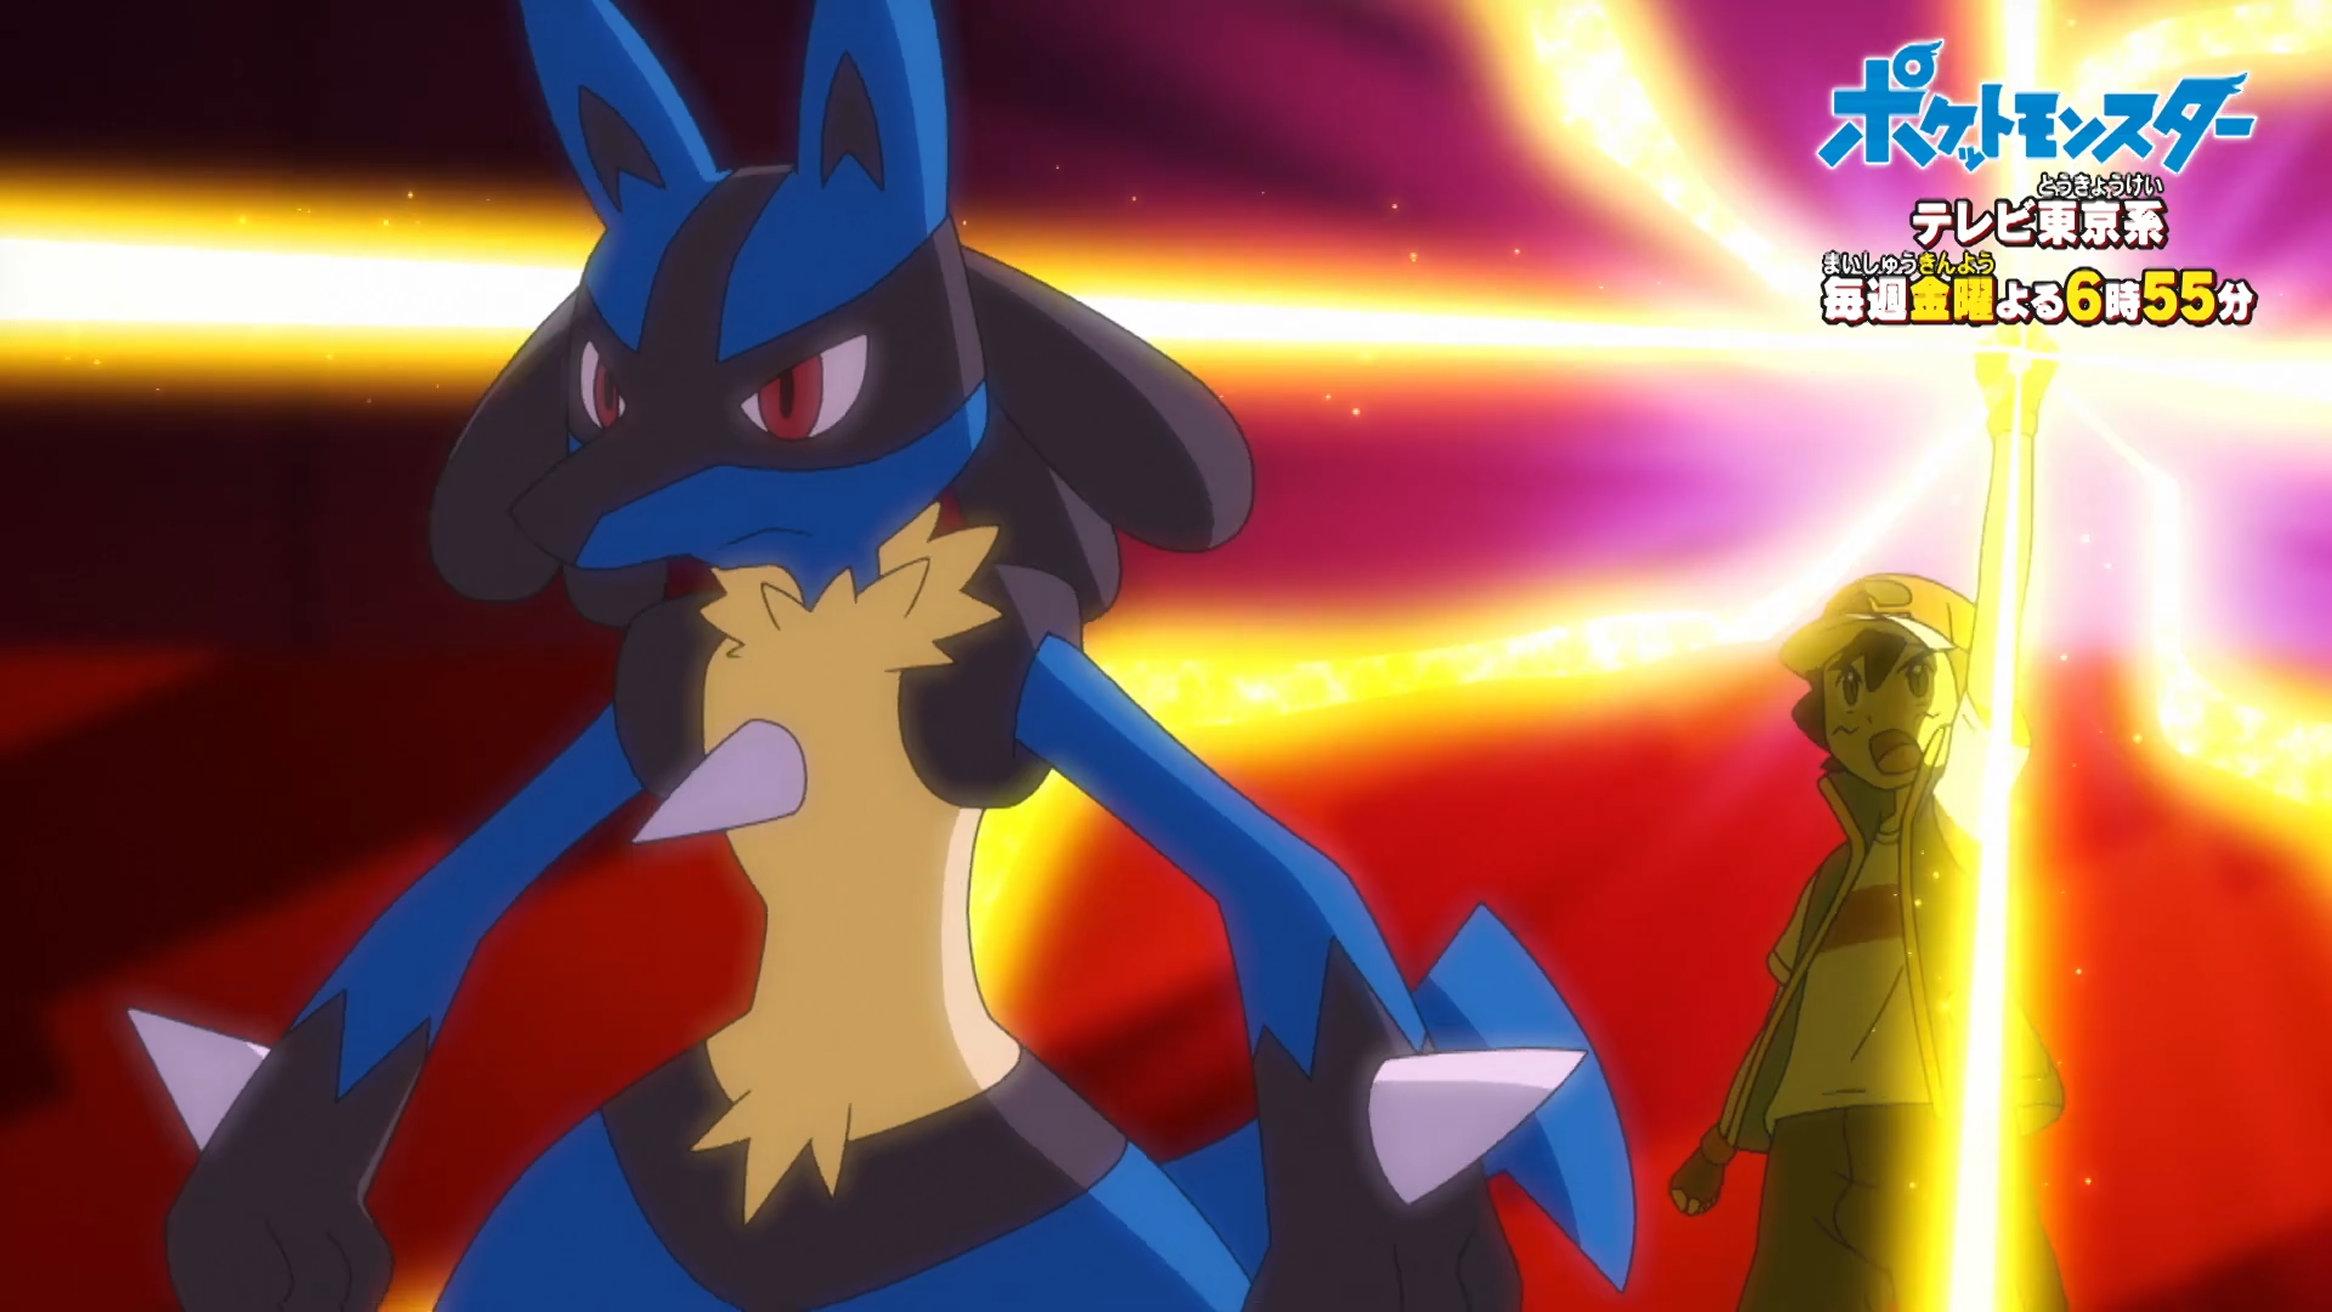 ポケモンアニメ、サトシのメガルカリオのシーン。シロナの再登場